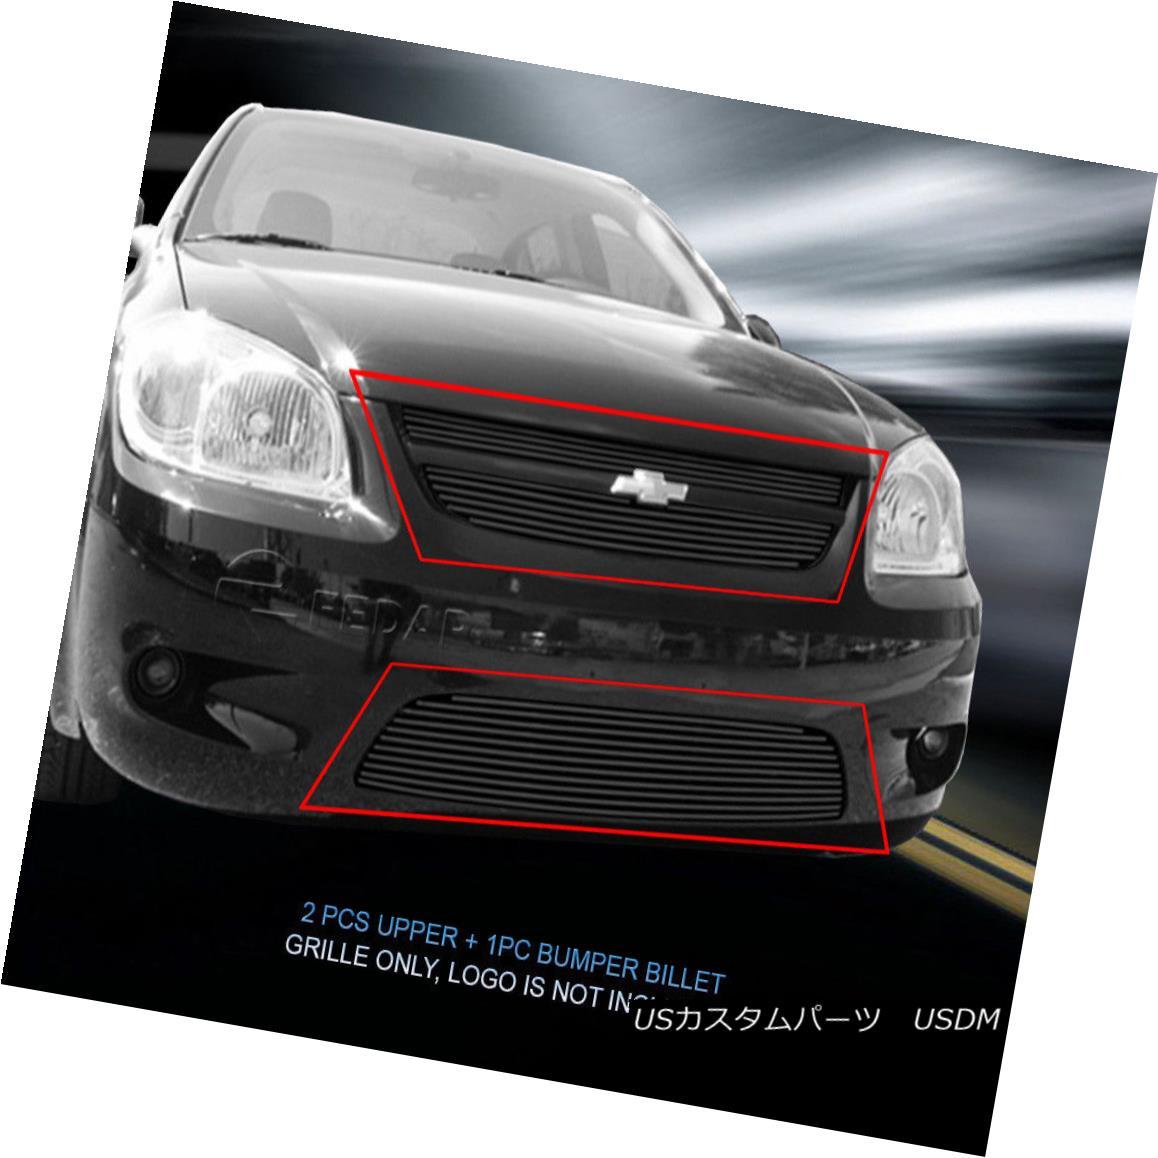 グリル 05-10 Chevy Fedar Cobalt SS/ Chevy Sport Sport Black Billet Grille Grill Combo Insert Fedar 05-10シボレーコバルトSS/スポーツブラックビレットグリルグリルコンボインサートFedar, 帽子屋かぶりた屋:7a670c62 --- vidaperpetua.com.br